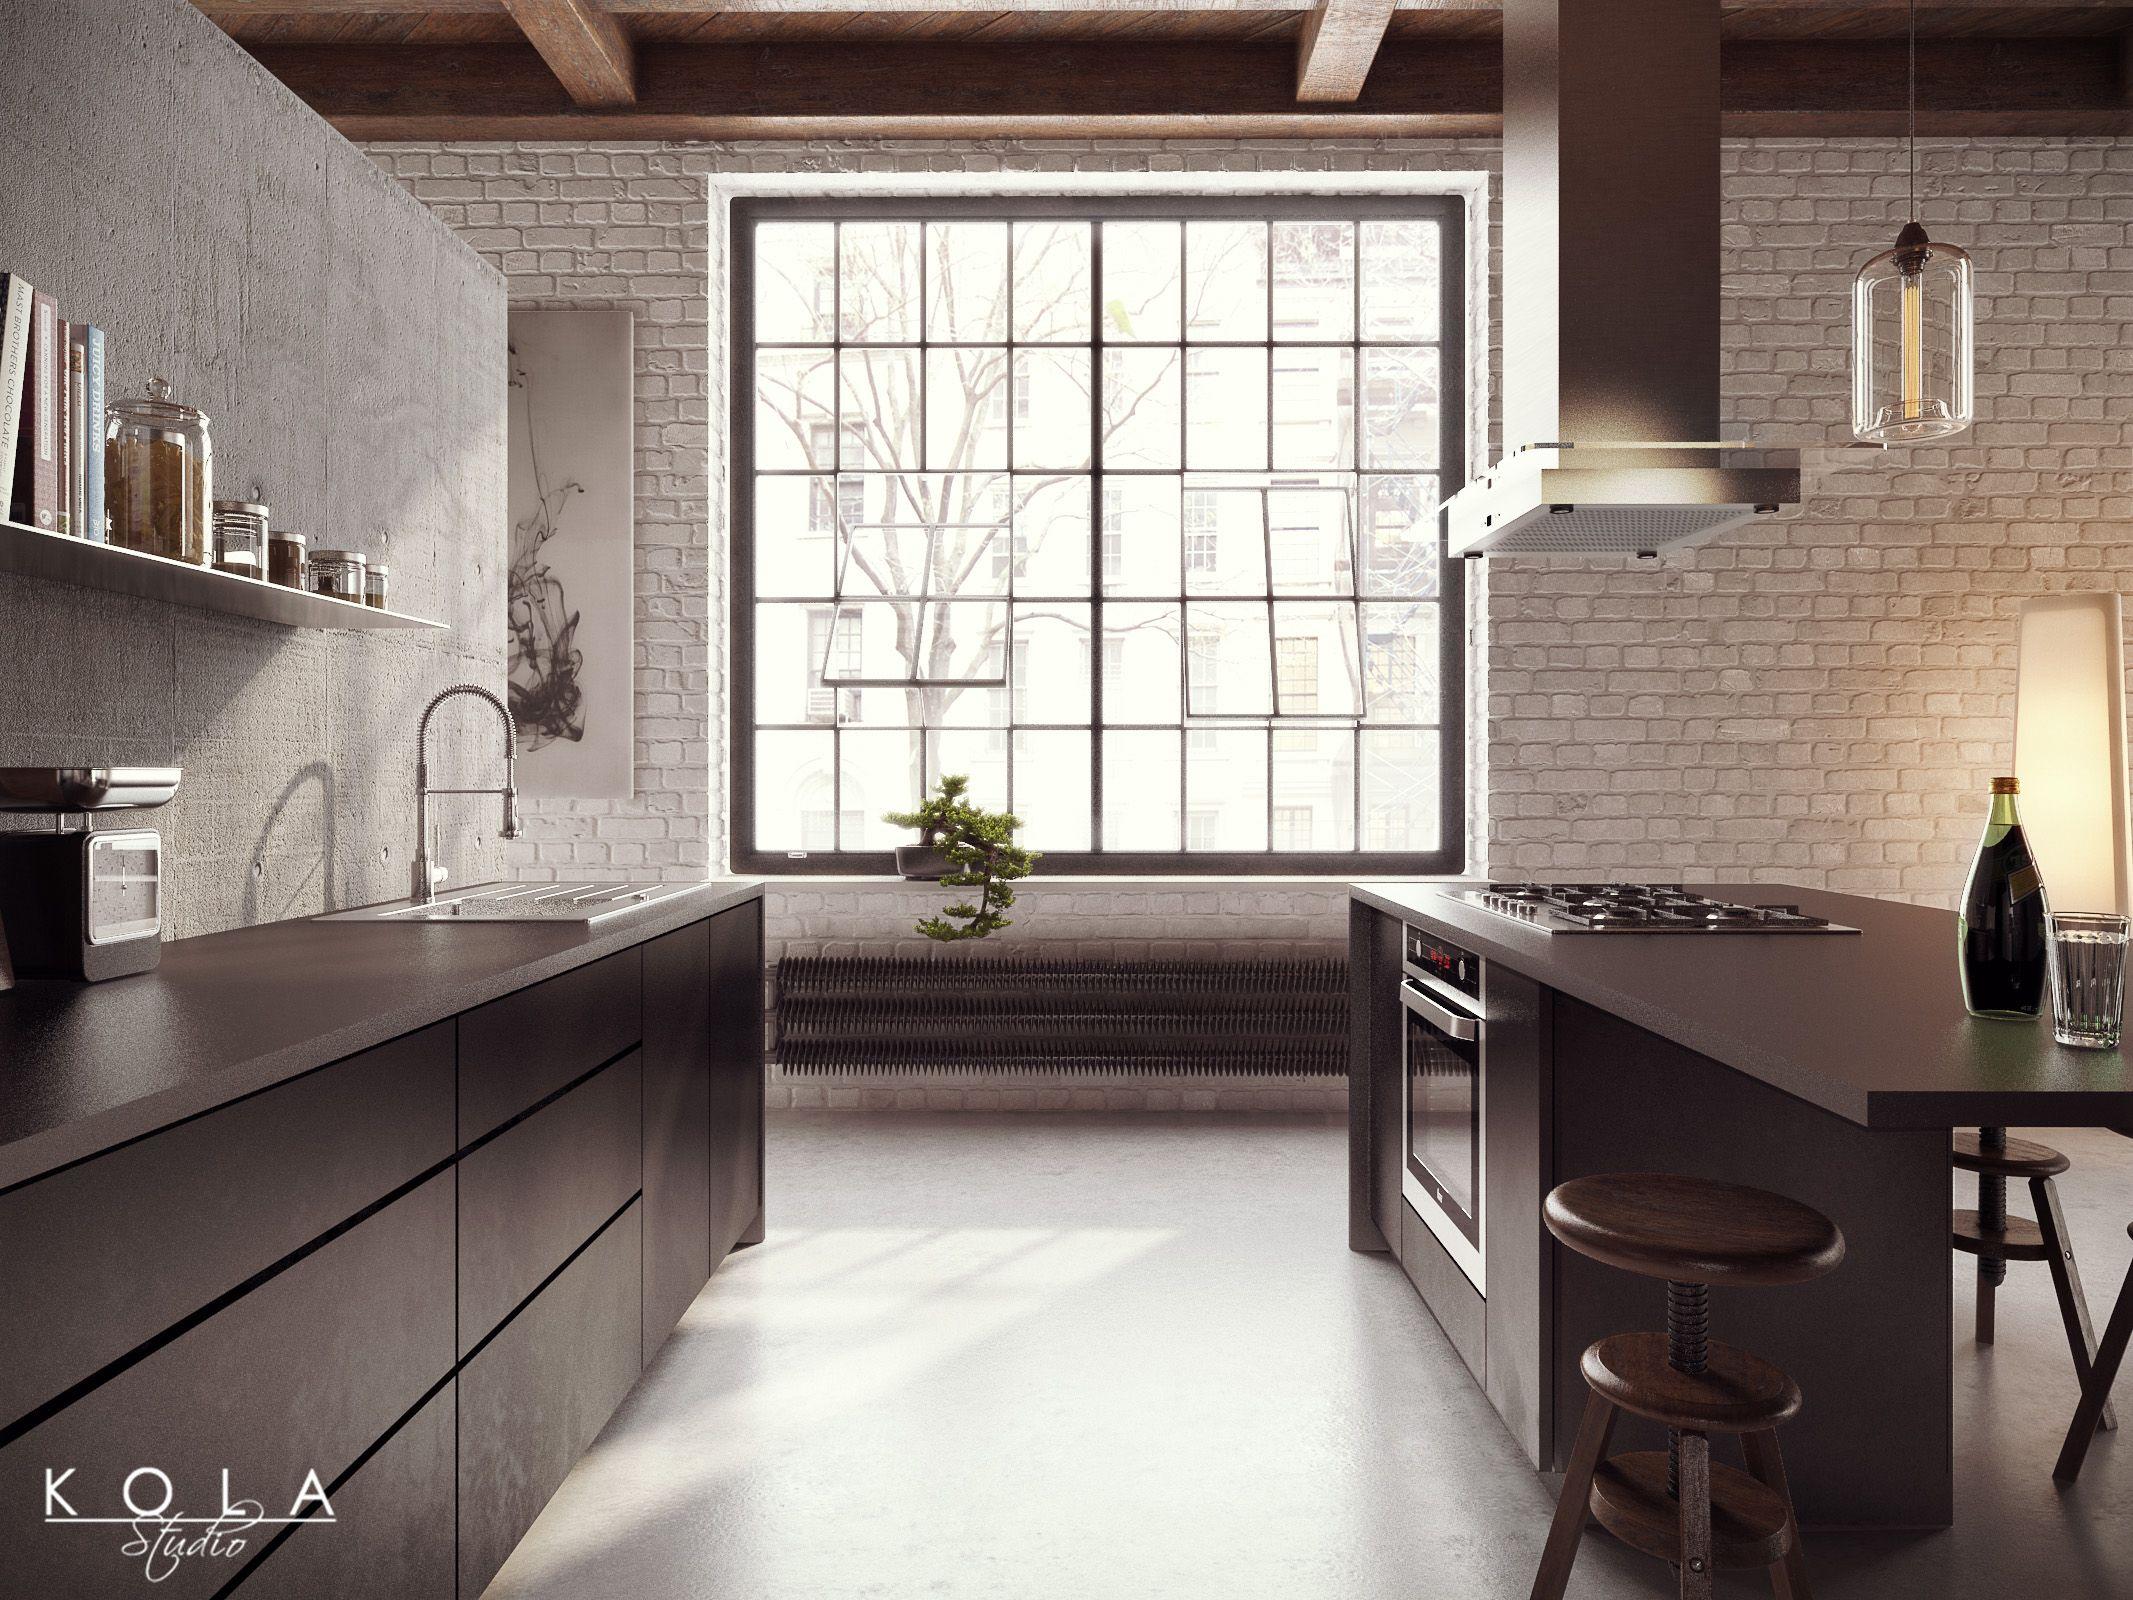 loft kitchen visualization design kola studio tags wooden ceiling concrete wall polished. Black Bedroom Furniture Sets. Home Design Ideas